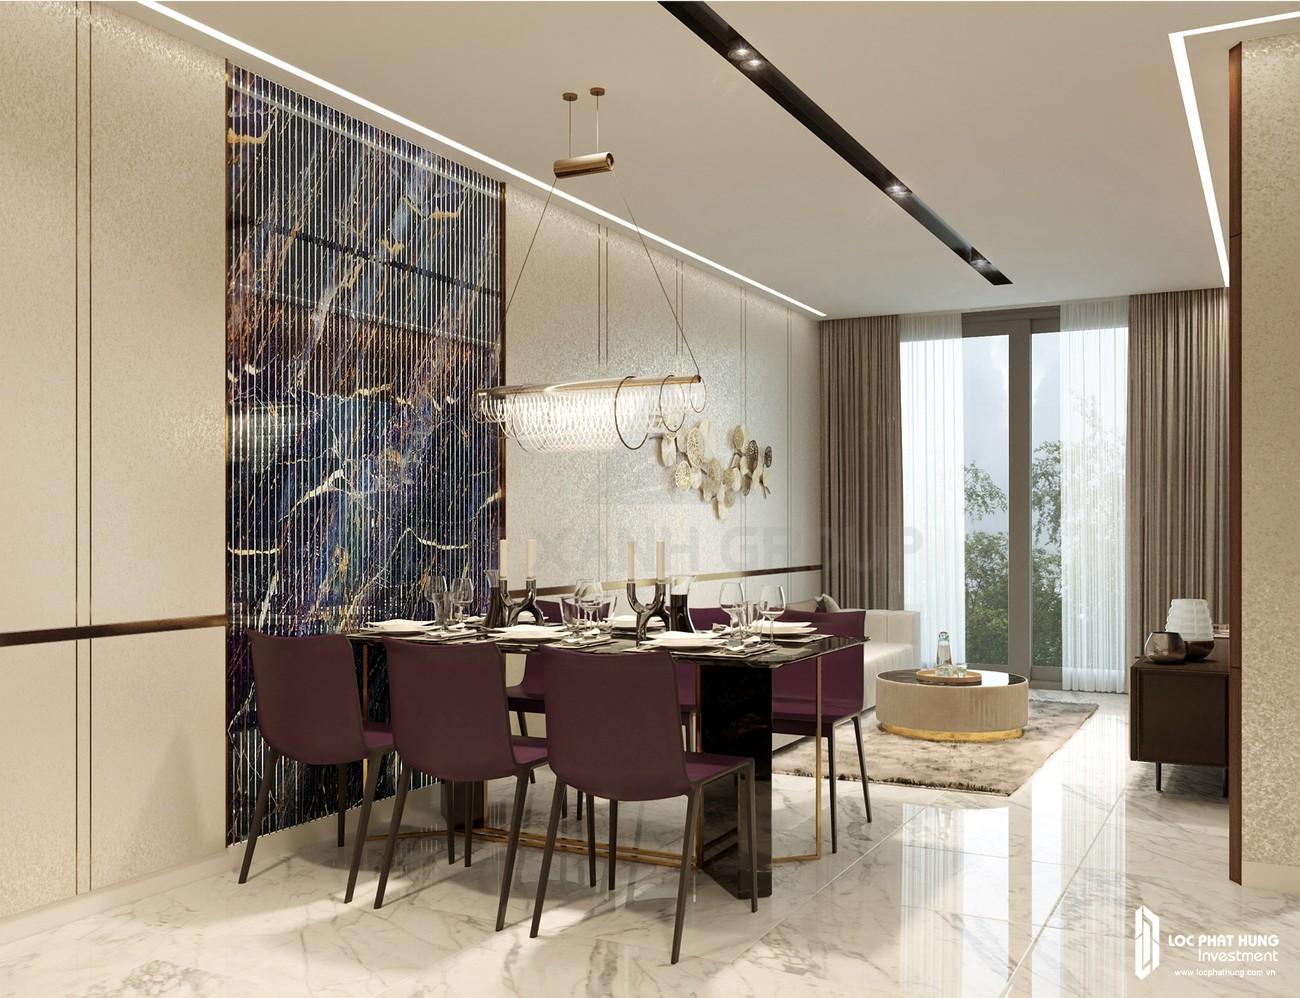 Thiết kế phòng khách của nhà mẫu loại 3 phòng ngủ dự án căn hộ chung cư Opal Skyline Thuận An